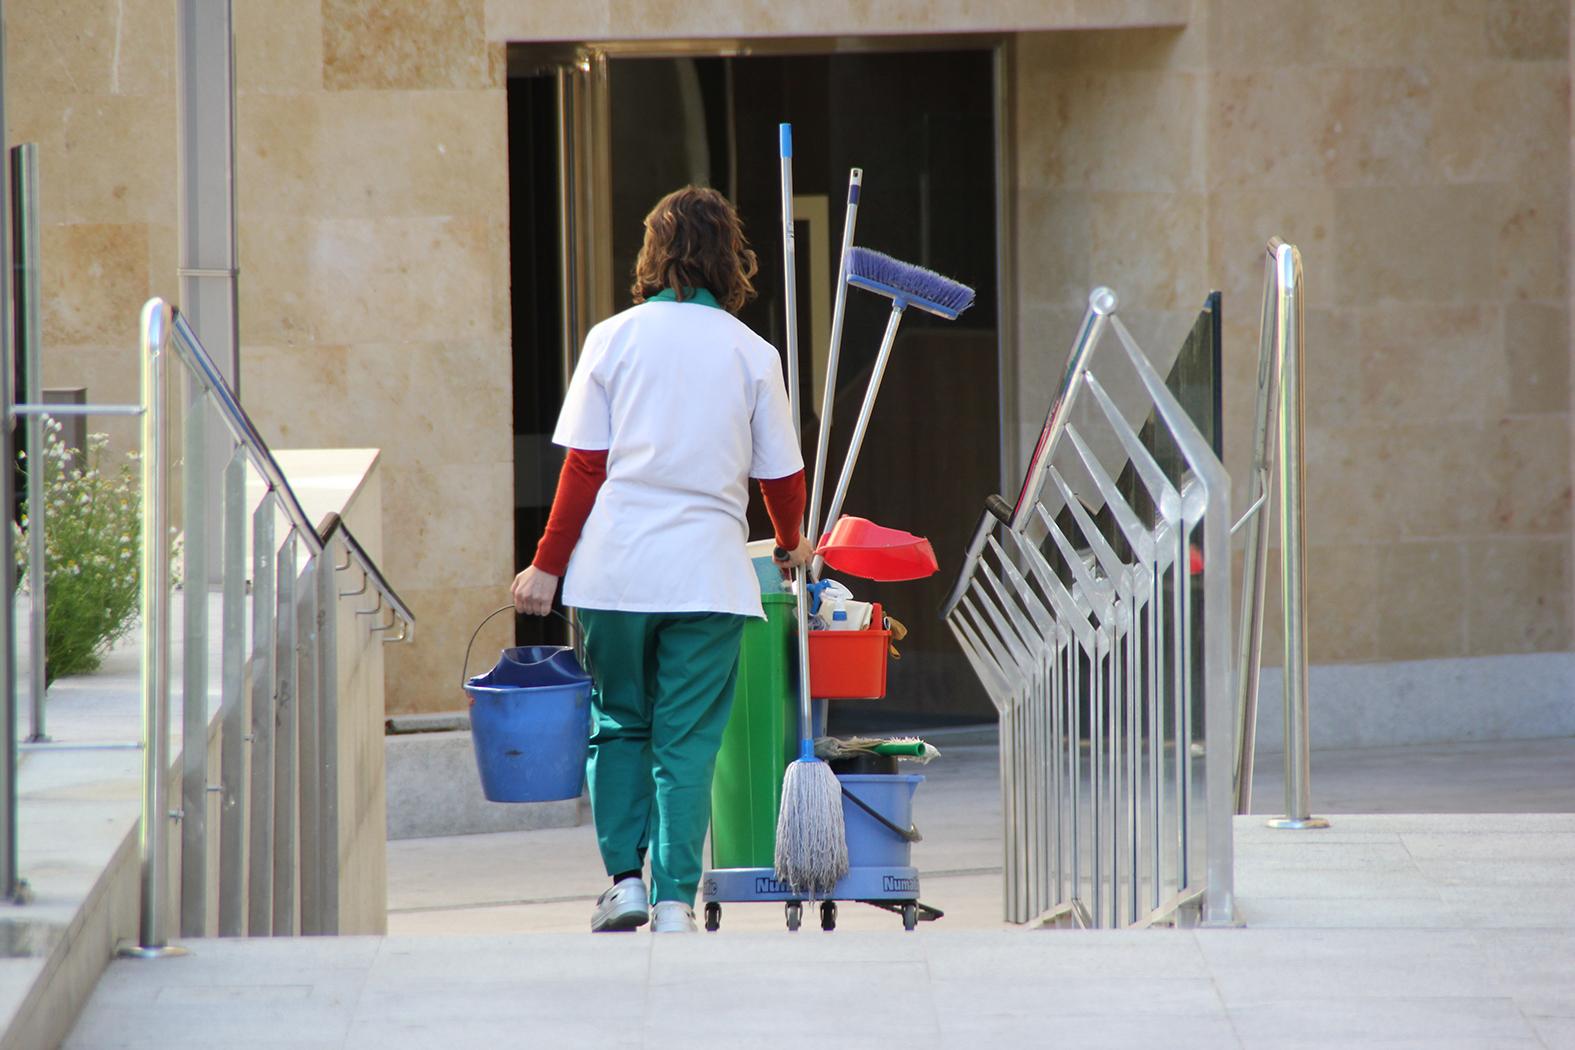 Una trabajadora de limpieza de Integracyl se dirige a su puesto de trabajo